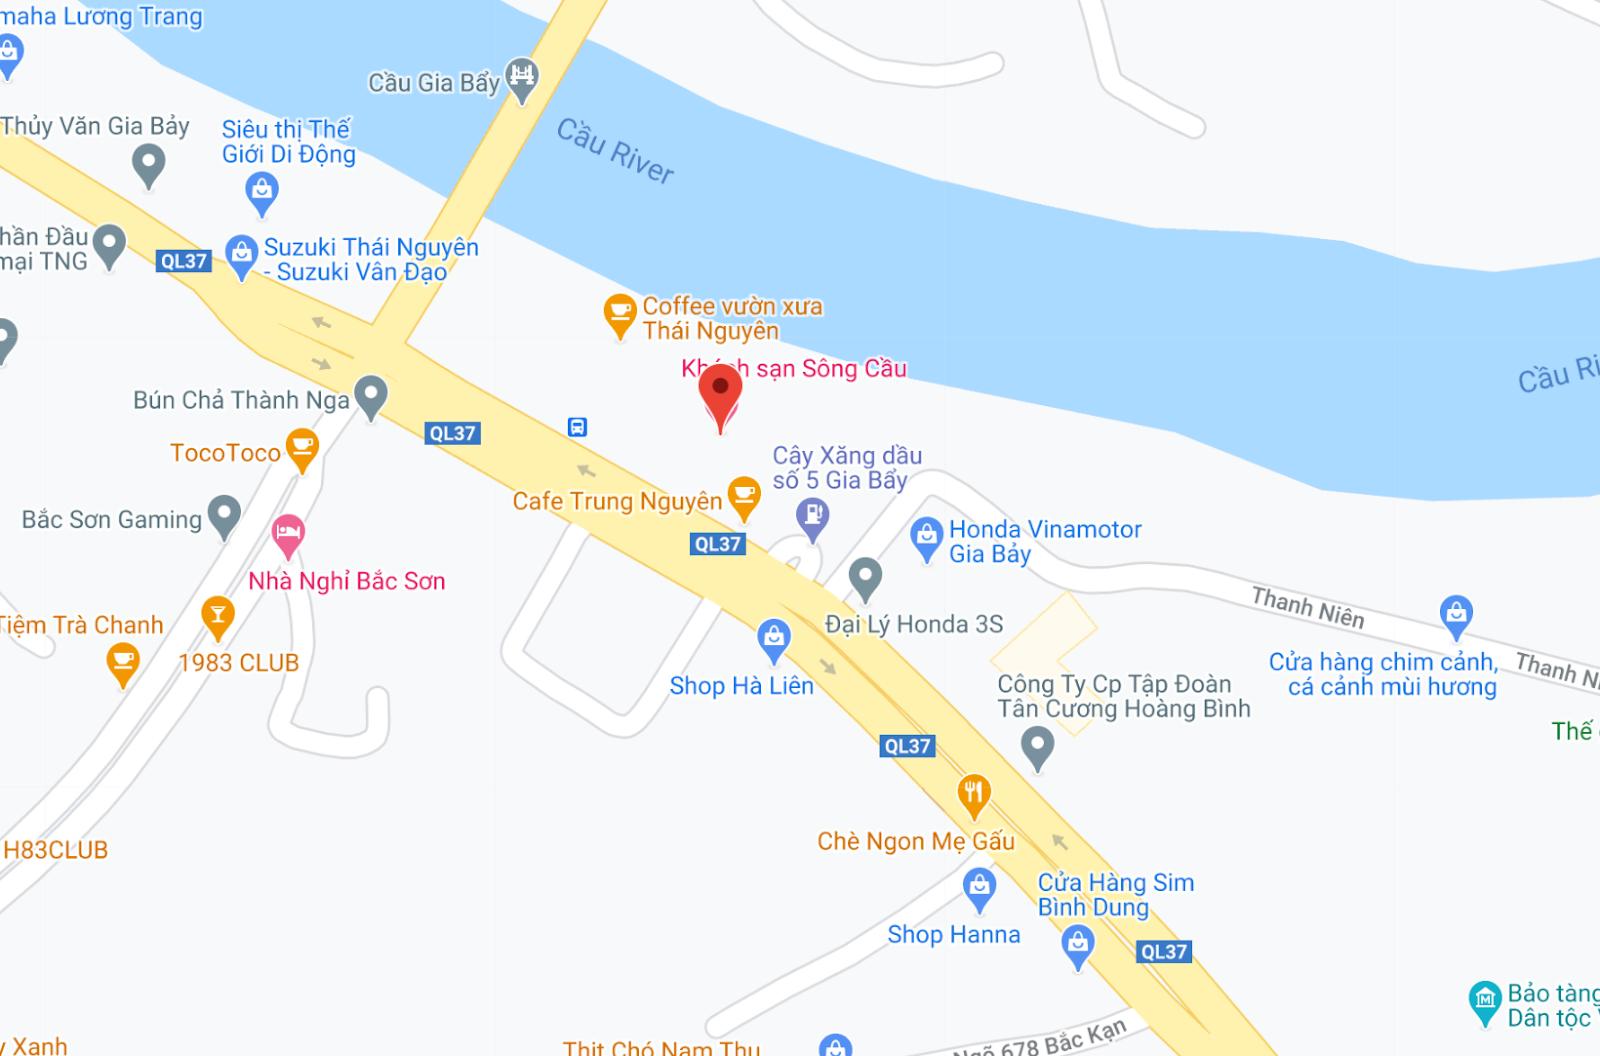 Địa điểm đón/trả khách tại Thái Nguyên